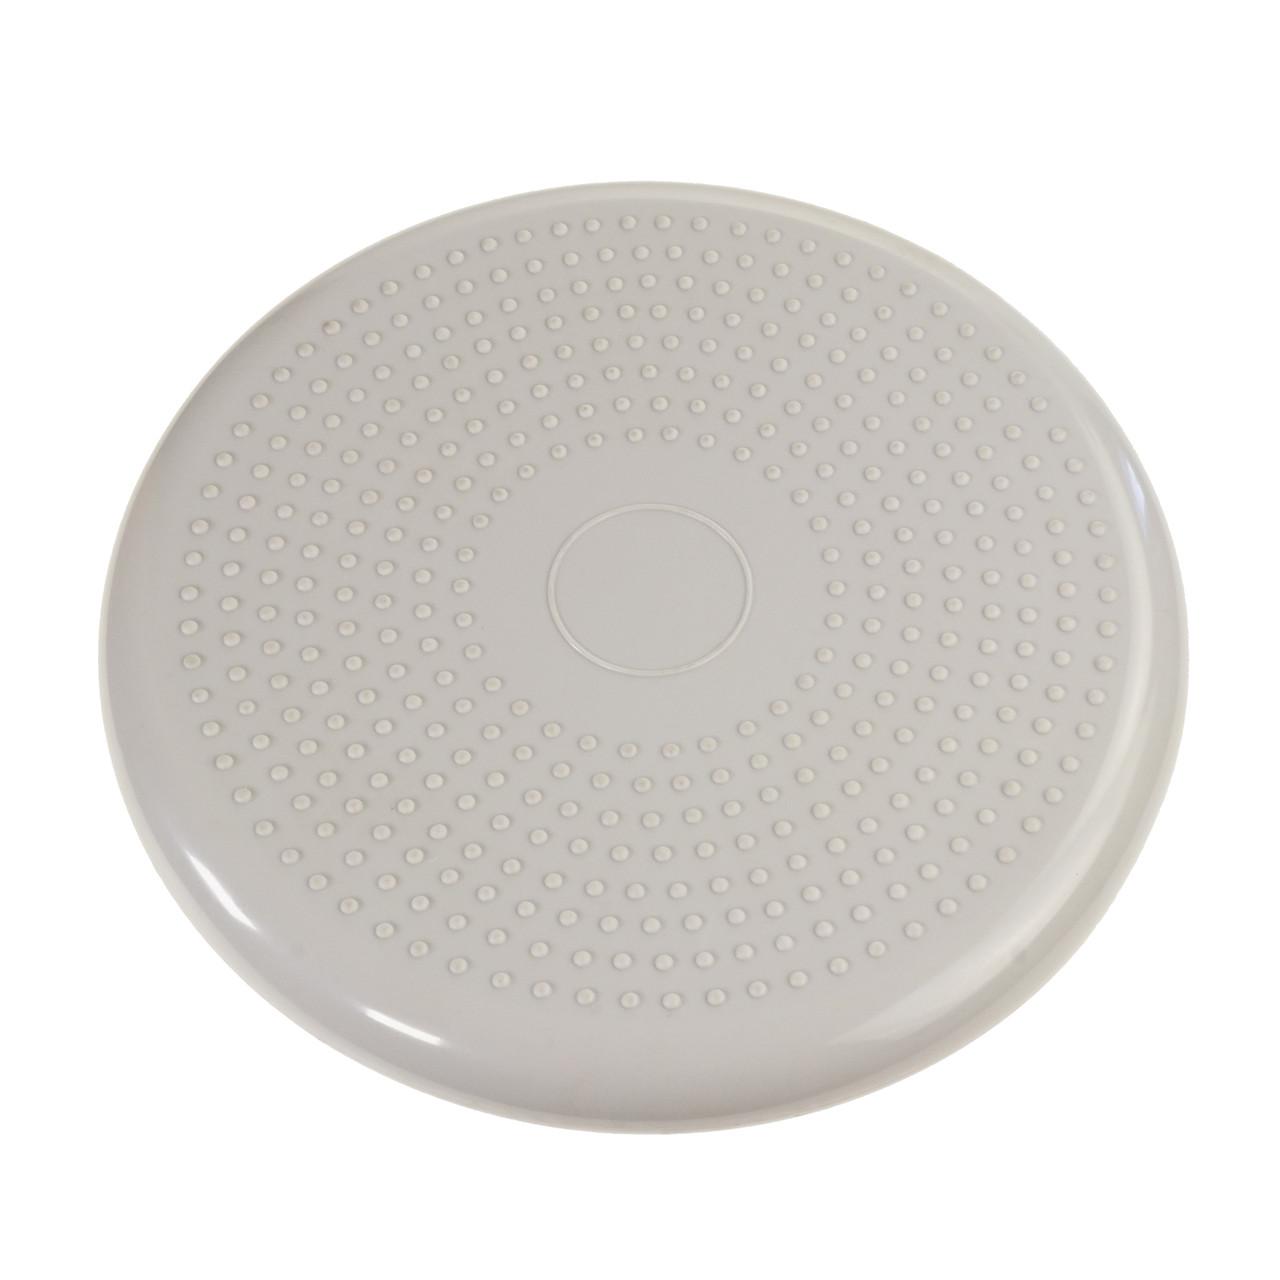 Подушка балансировочная массажная для фитнеса и сидения (фитдиск полусфера), серый